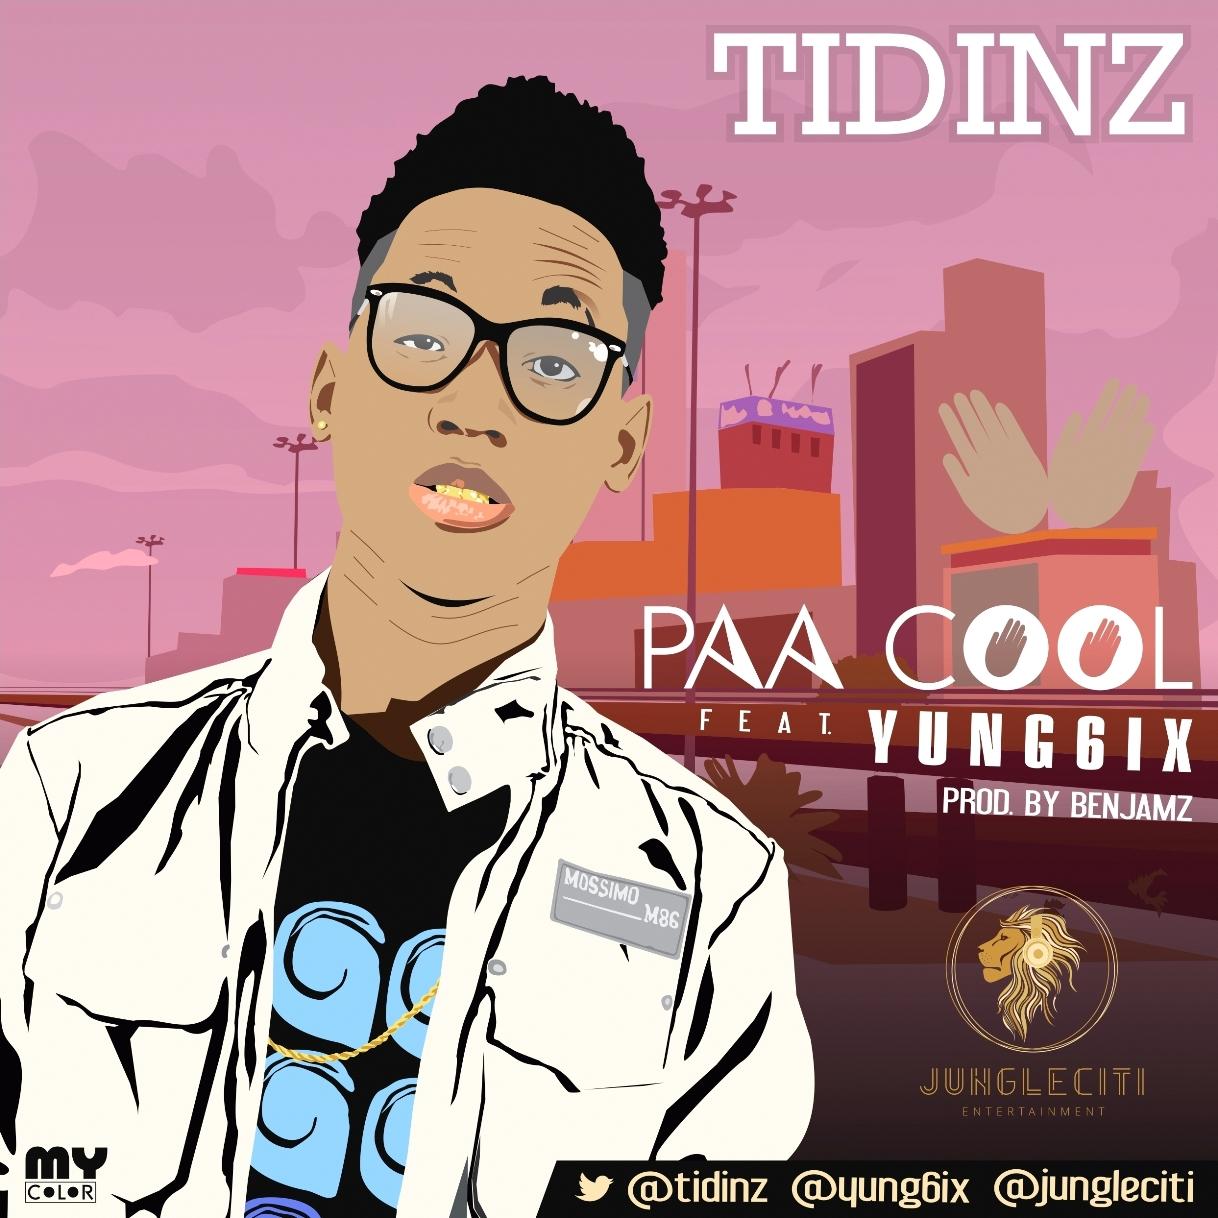 TIDINZ-Paa Cool [Artwork] - Resize